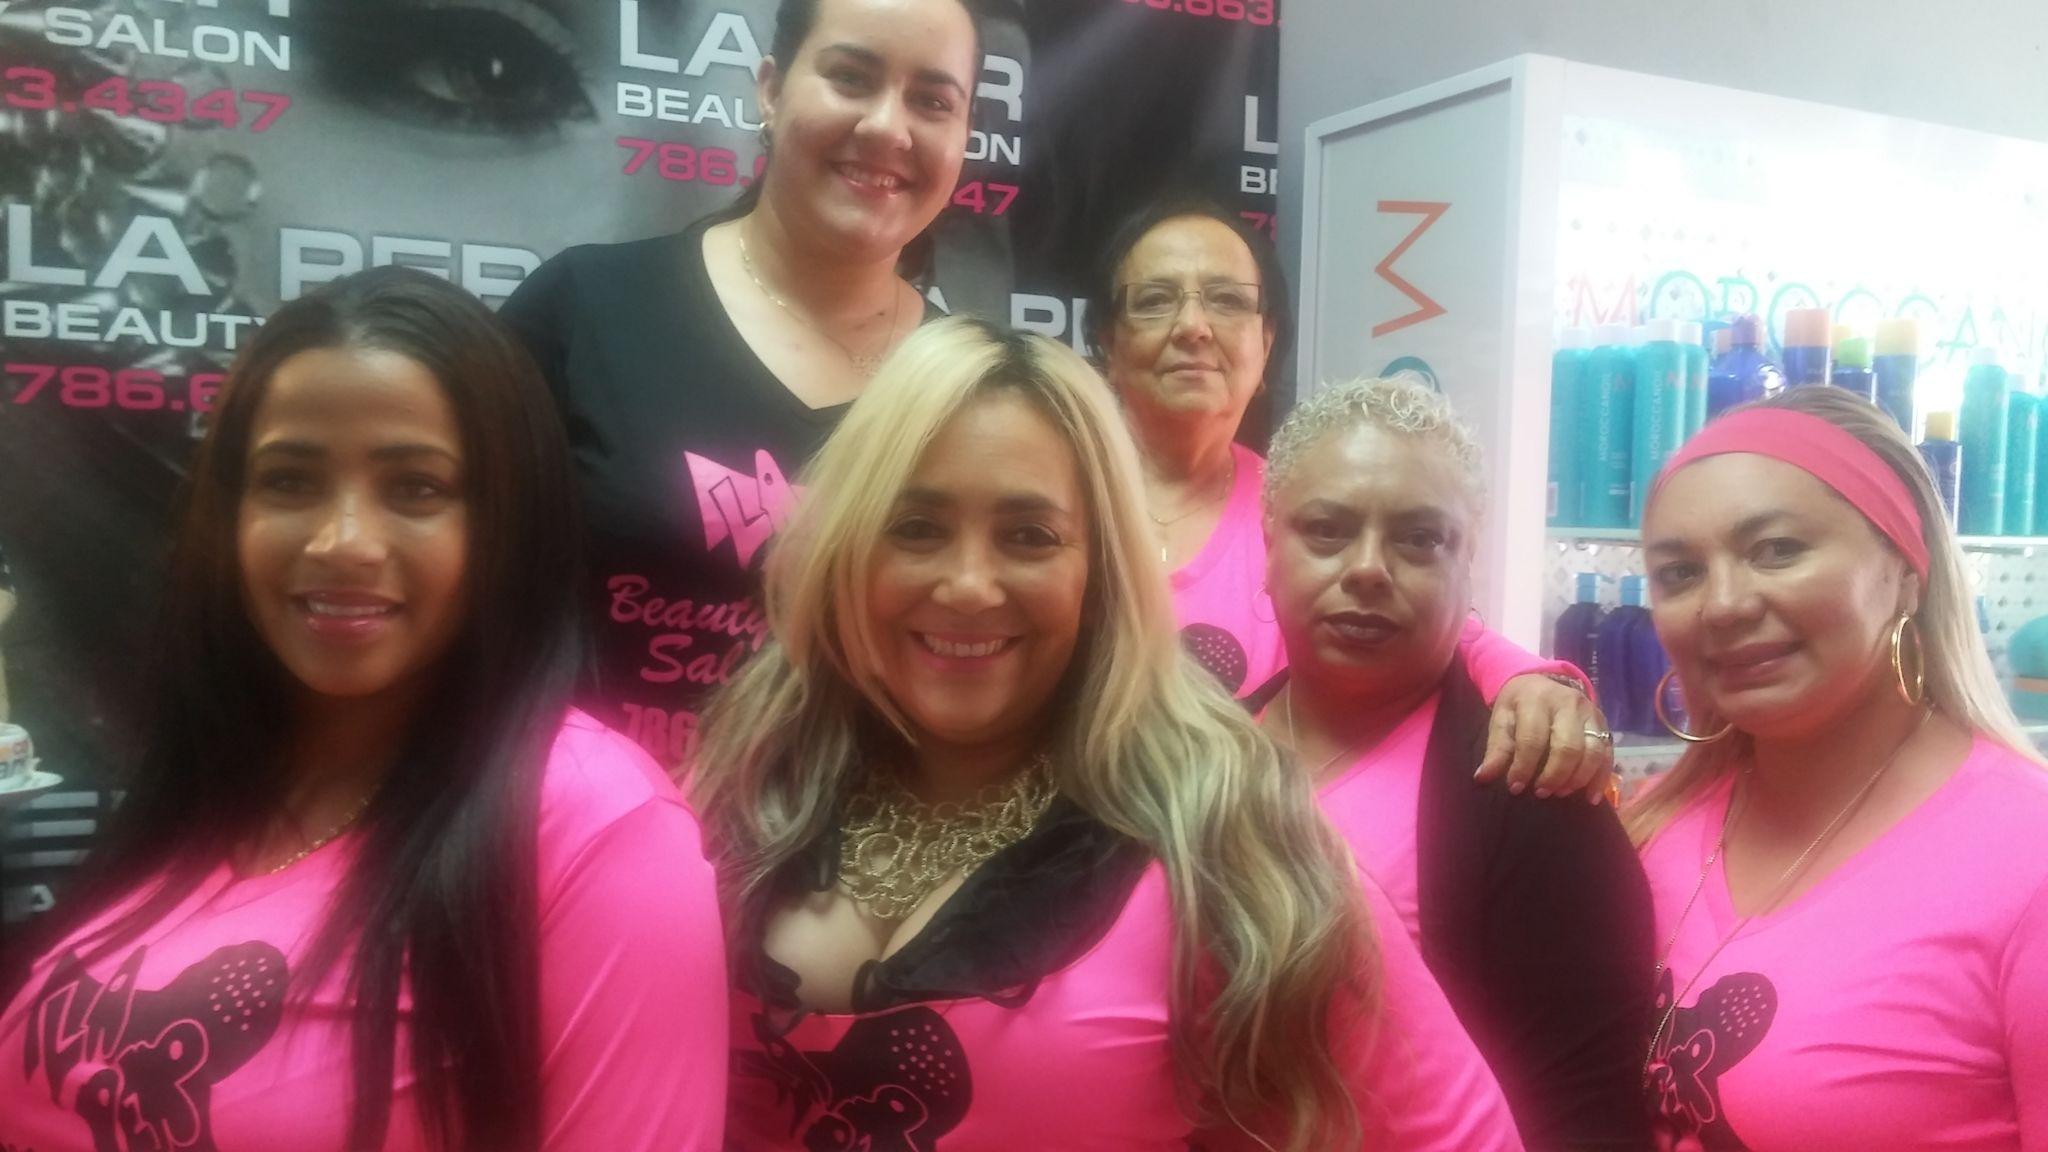 La Per Beauty Salon tiene un equipo de primera.